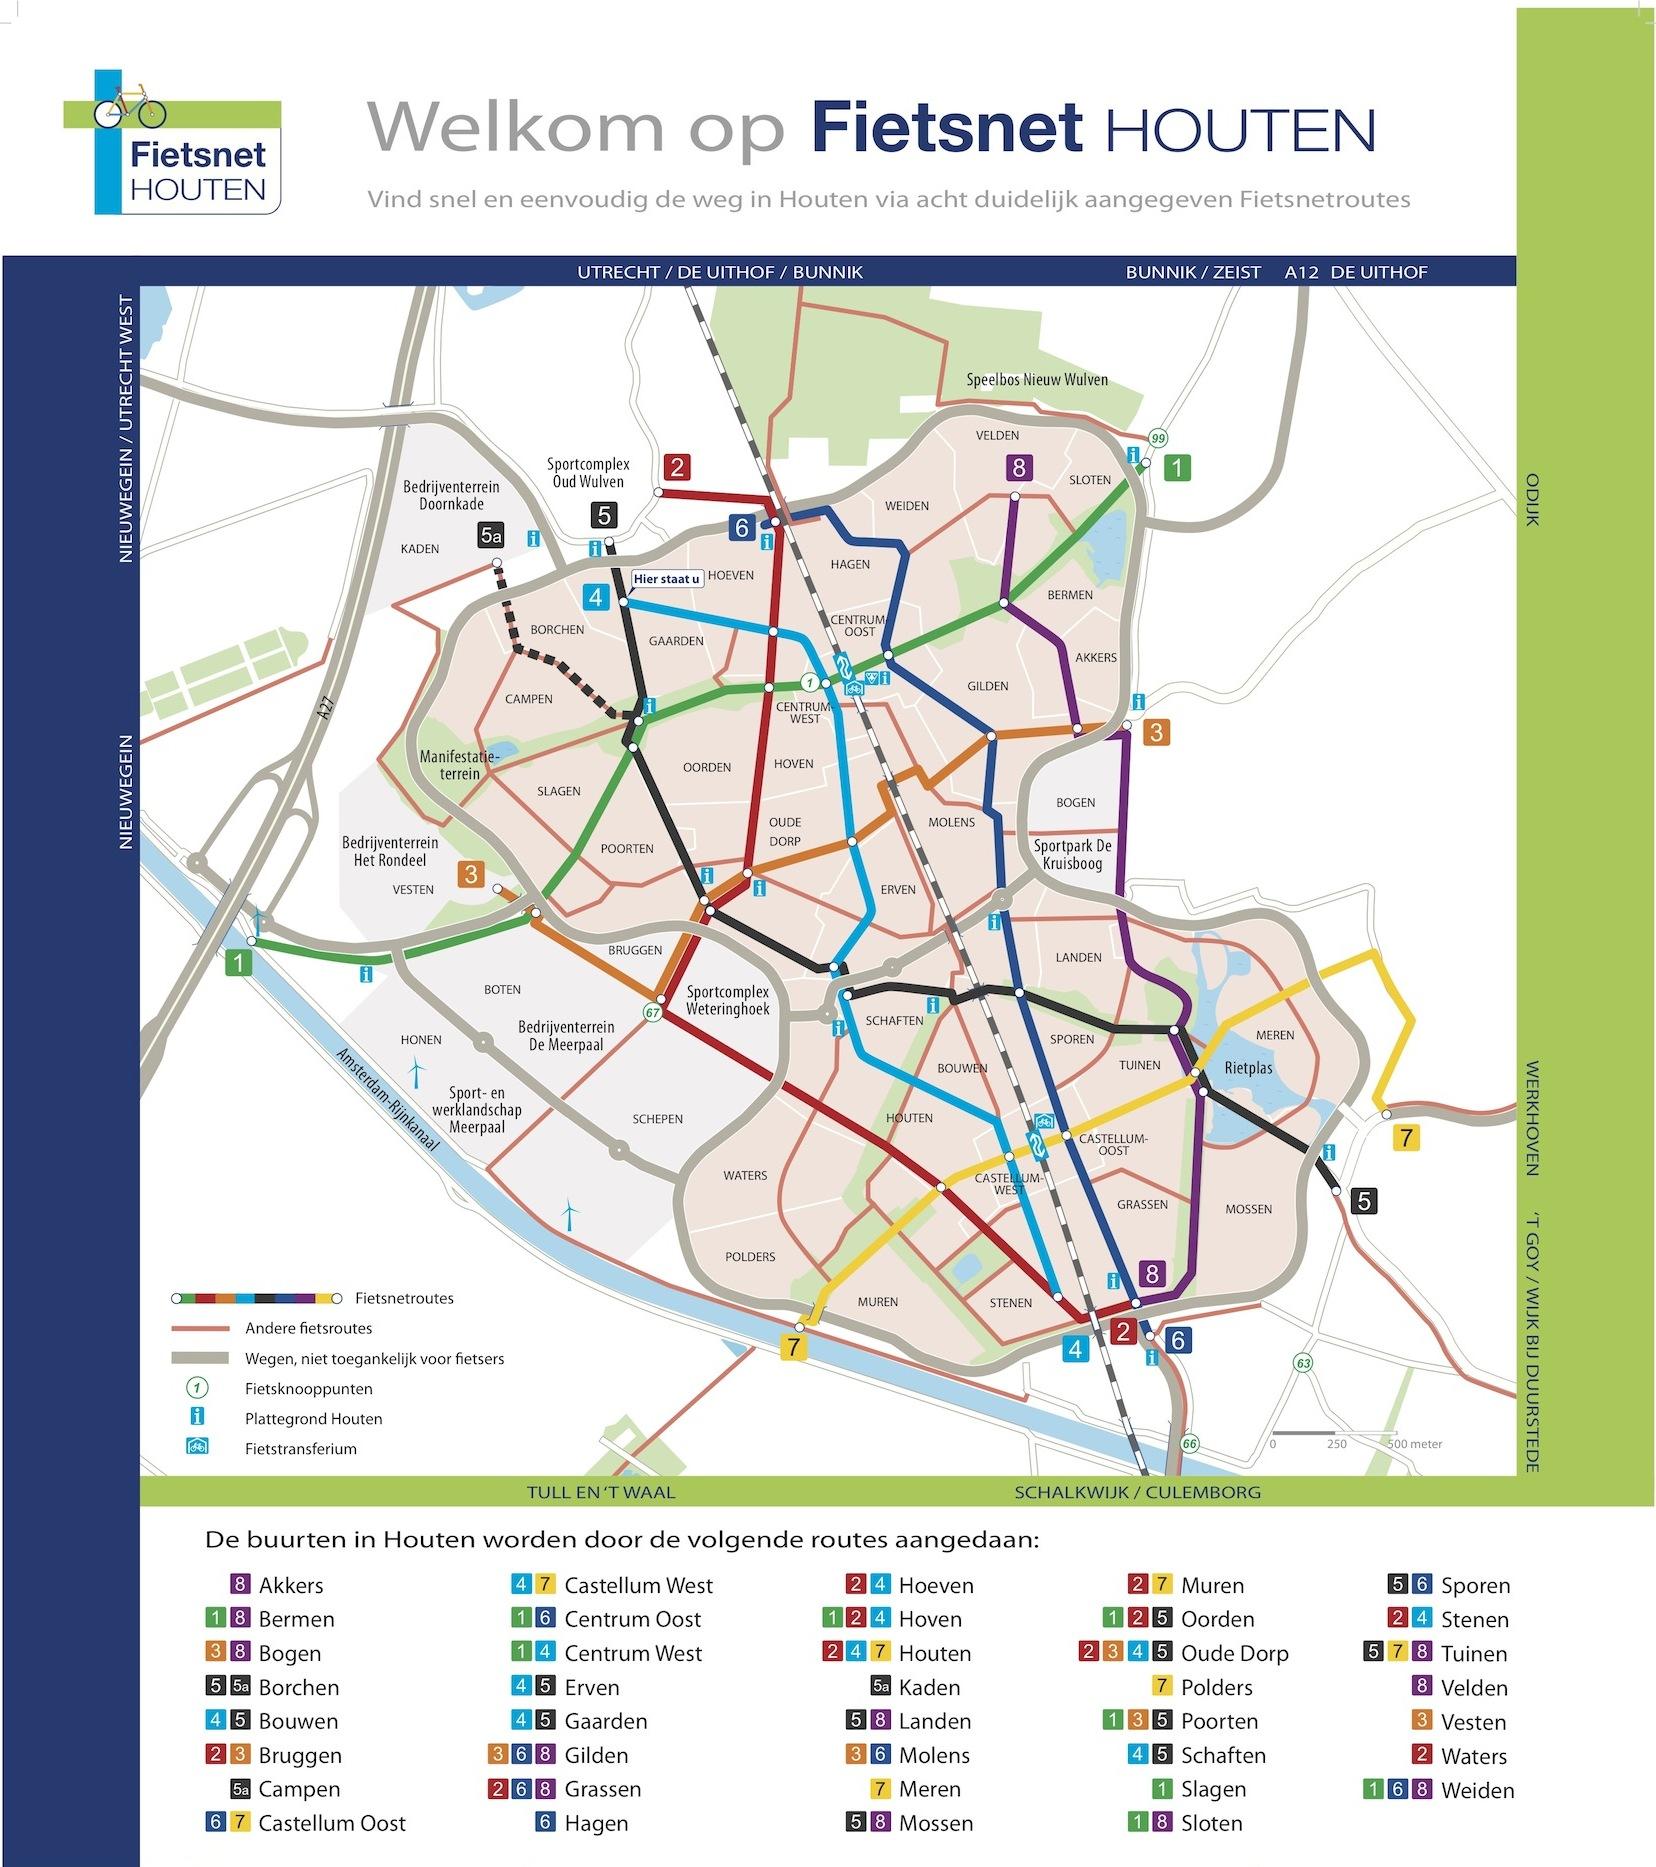 Michael Graham ist nicht der Einzige, der einfache Fahrradpläne für sinnvoll hält. Die niederländische Stadt Houten, ebenfalls führend in der Fahrradförderung, hat einen Fahrradplan mit vielen markant gekennzeichneten Hauptrouten entwickelt.